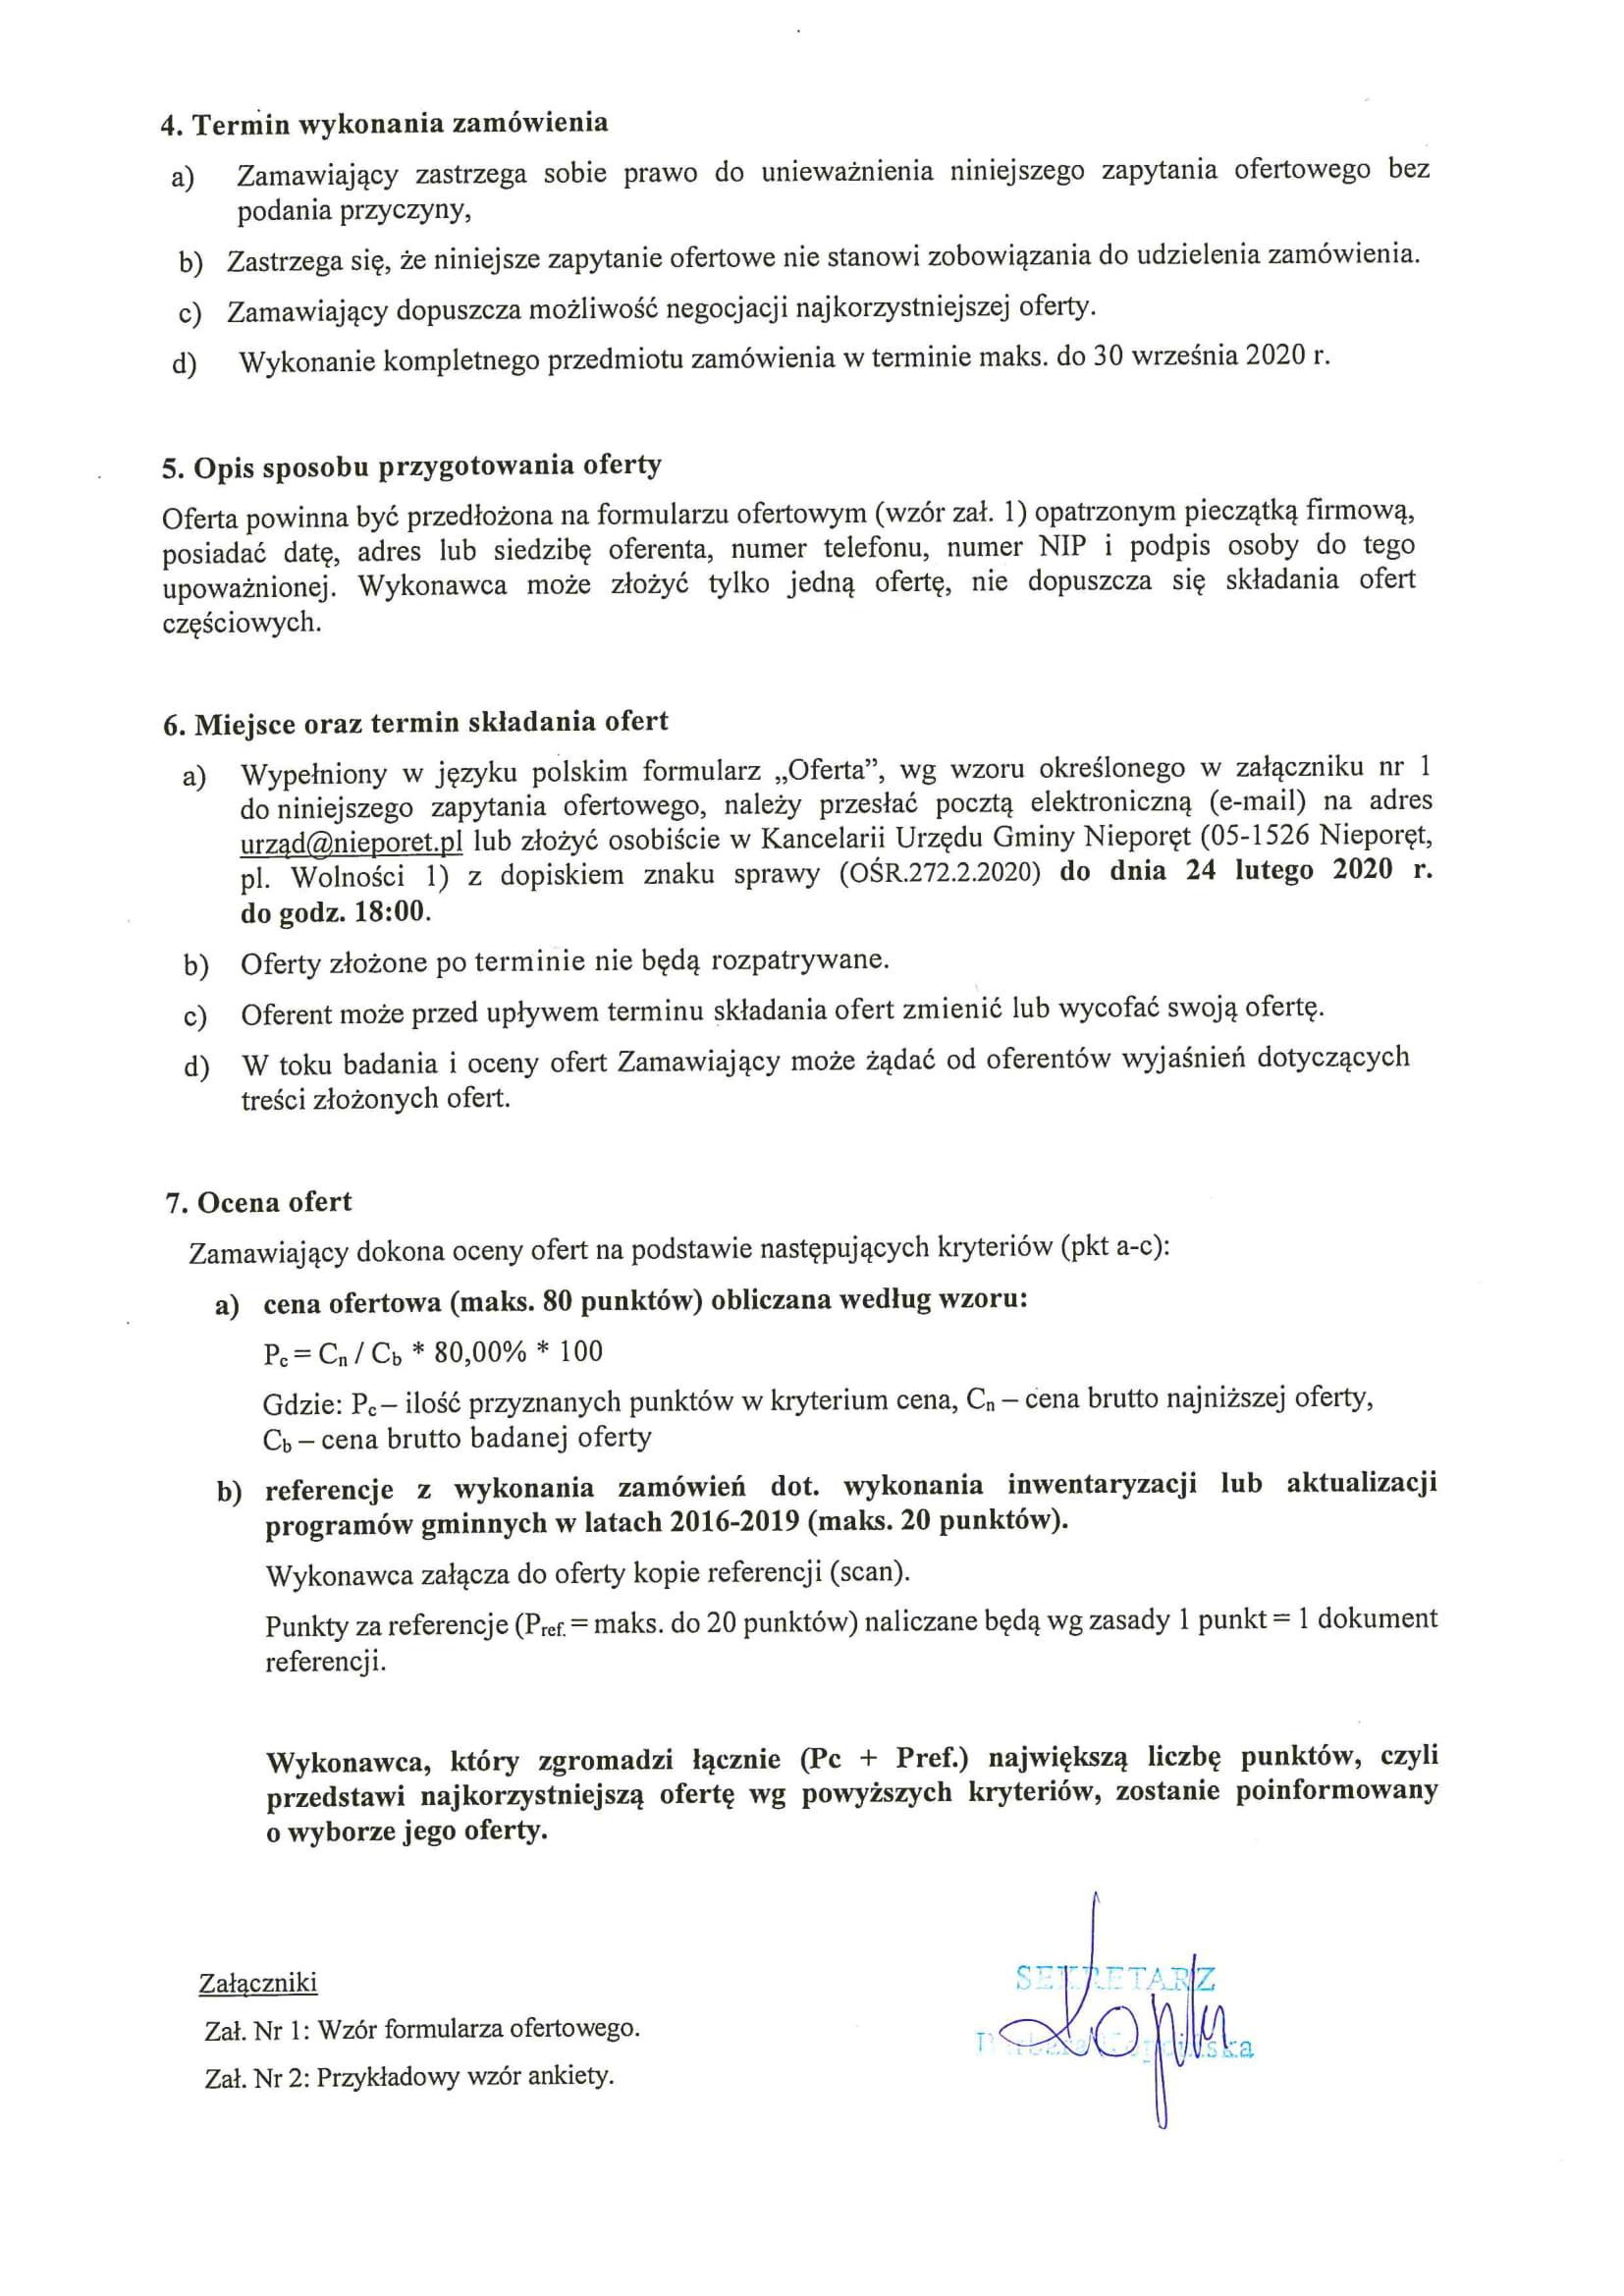 PIECE ZAPYTANIE OFERTOWE 24 LUTY-2